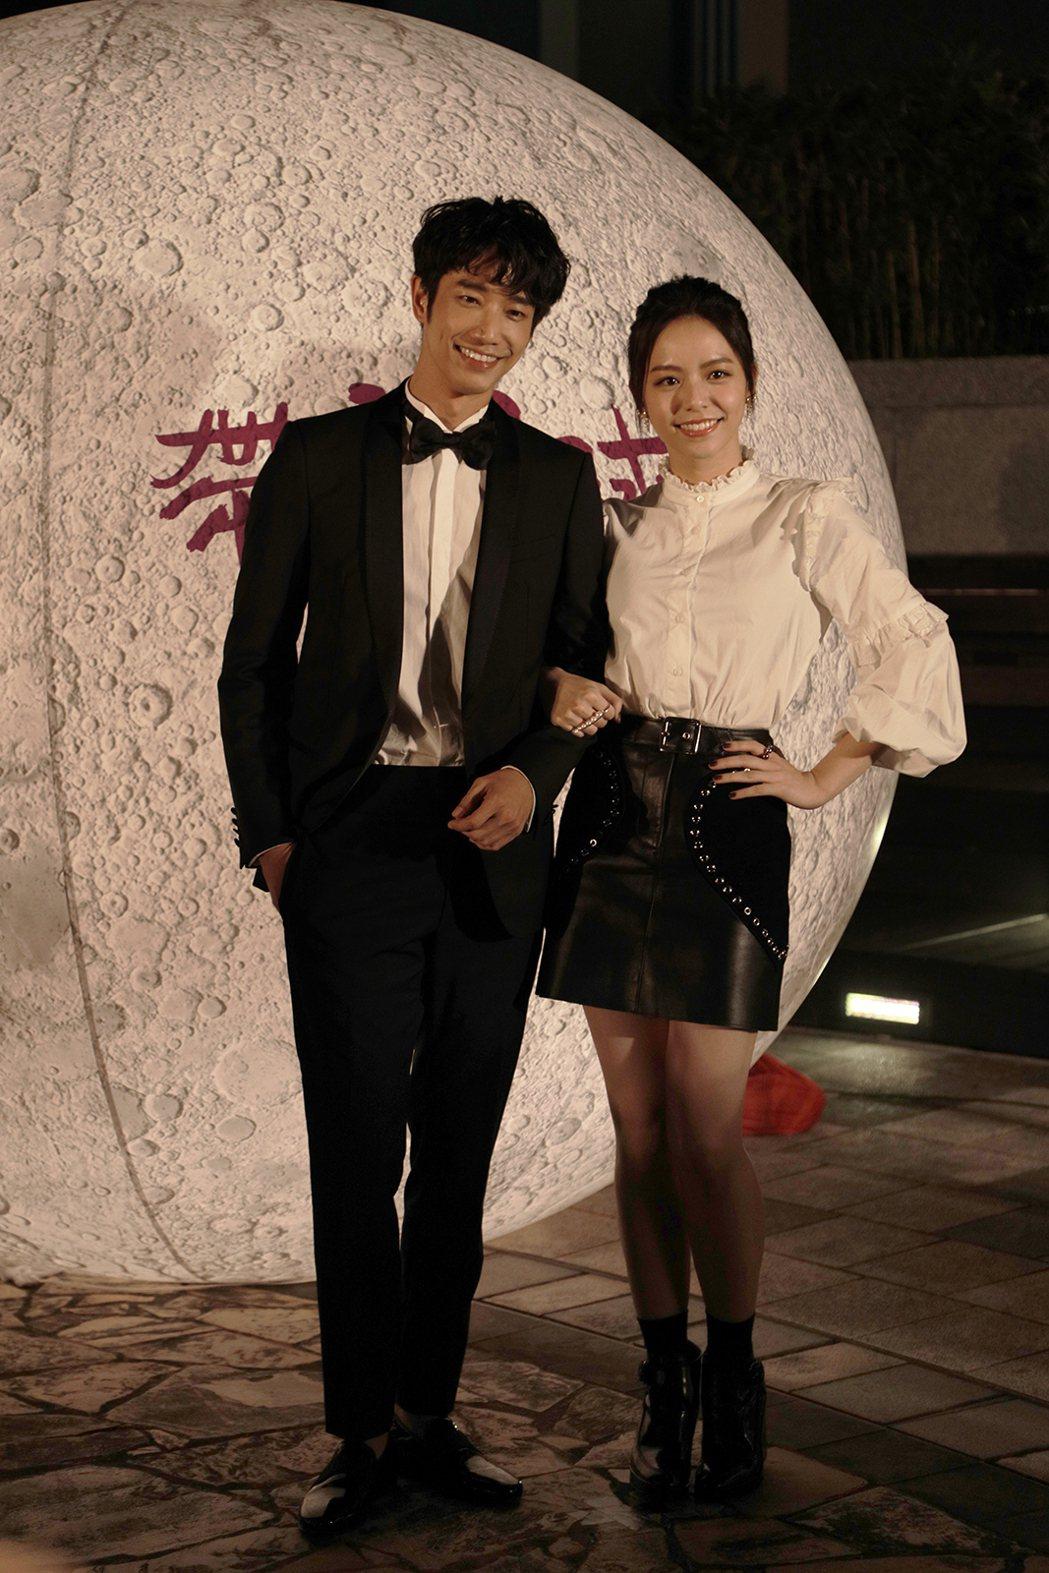 「帶我去月球」在台北舉行首映,男女主角劉以豪、宋芸樺。圖/星泰提供